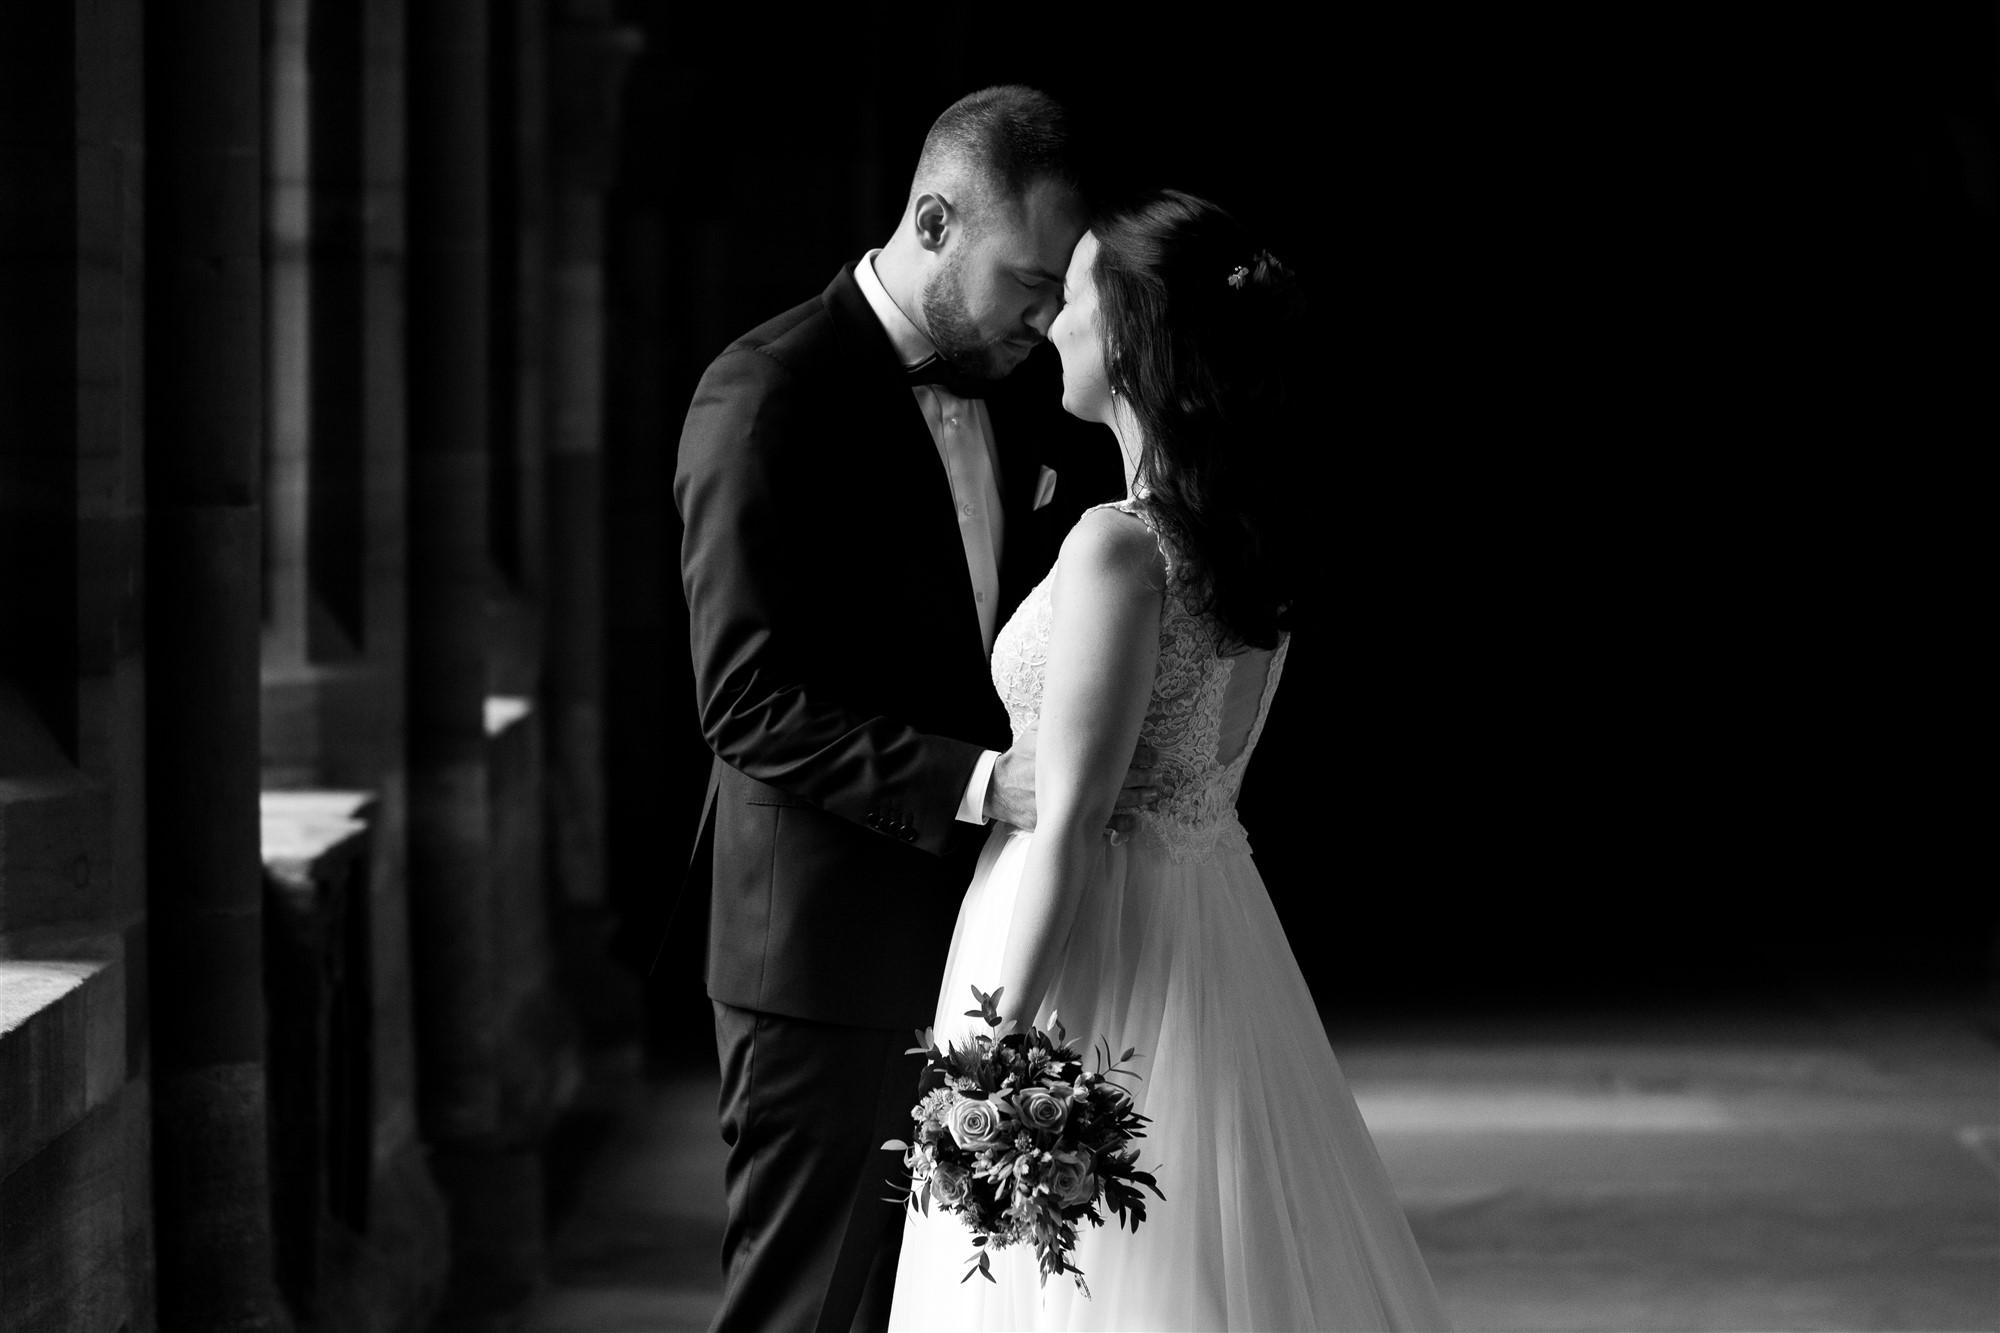 Romantisches Brautpaar Fotoshooting im Basler Münster